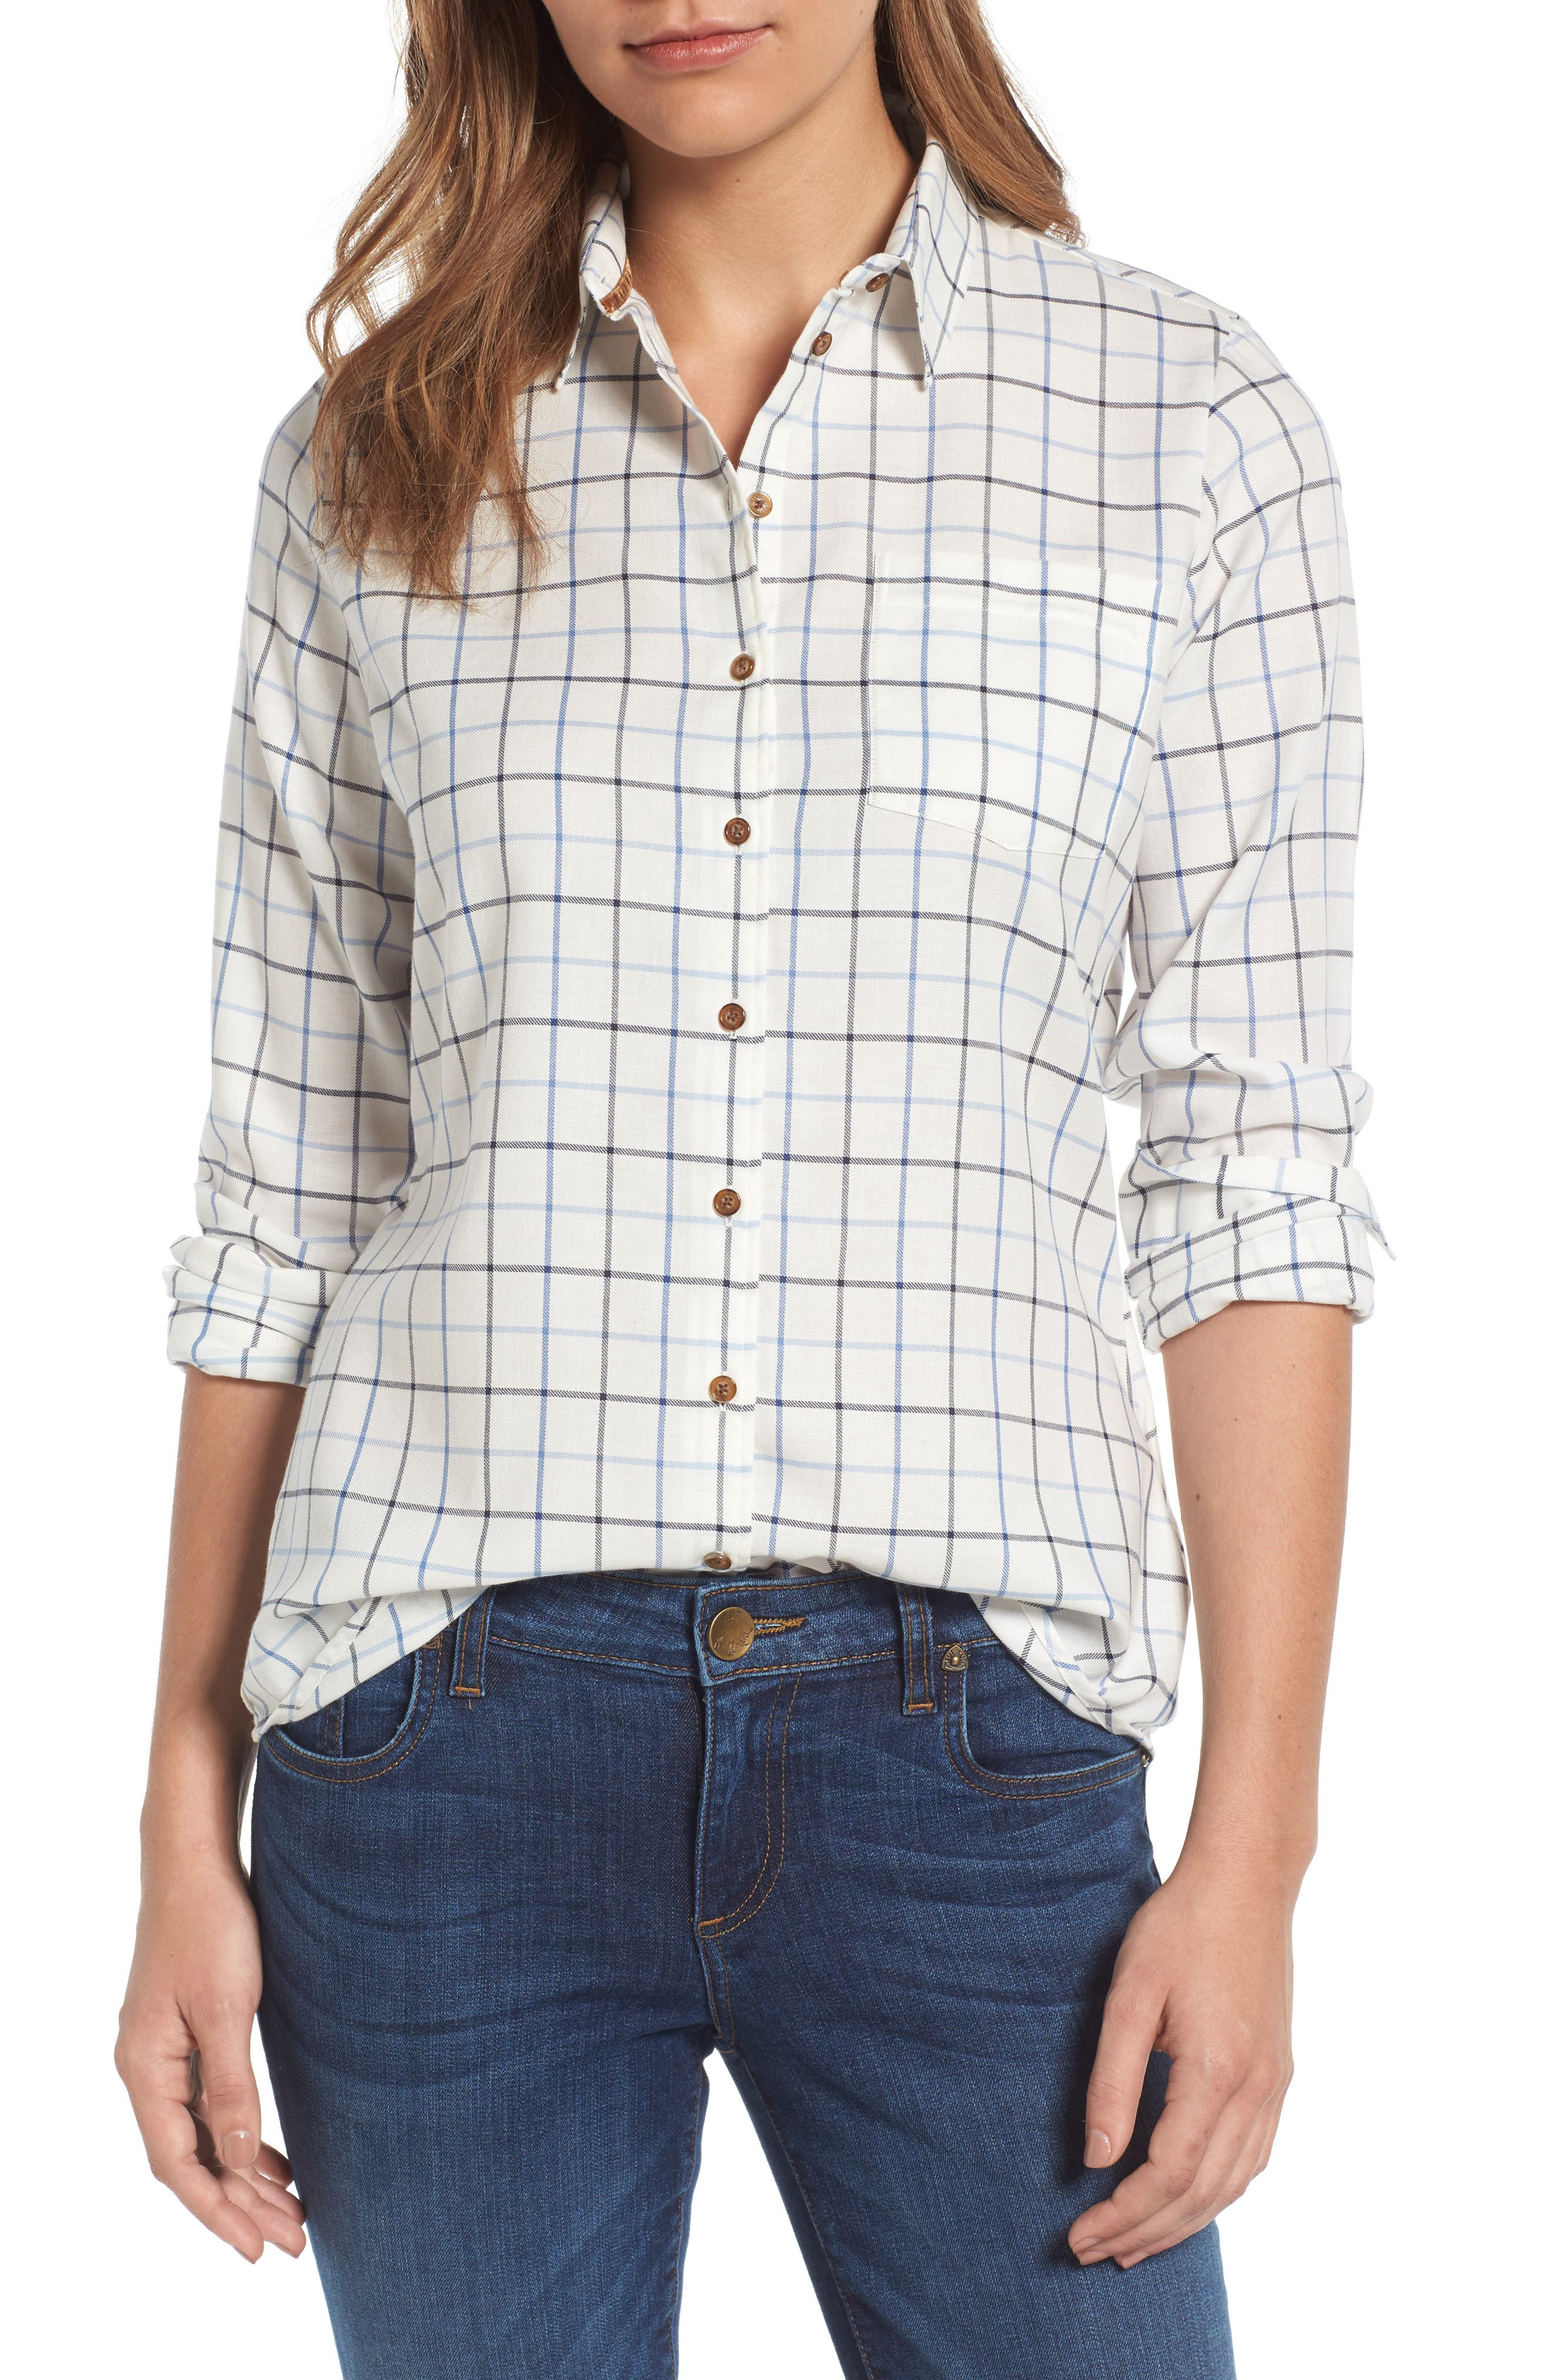 Triplebar Check Shirt,                             Main thumbnail 1, color,                             450